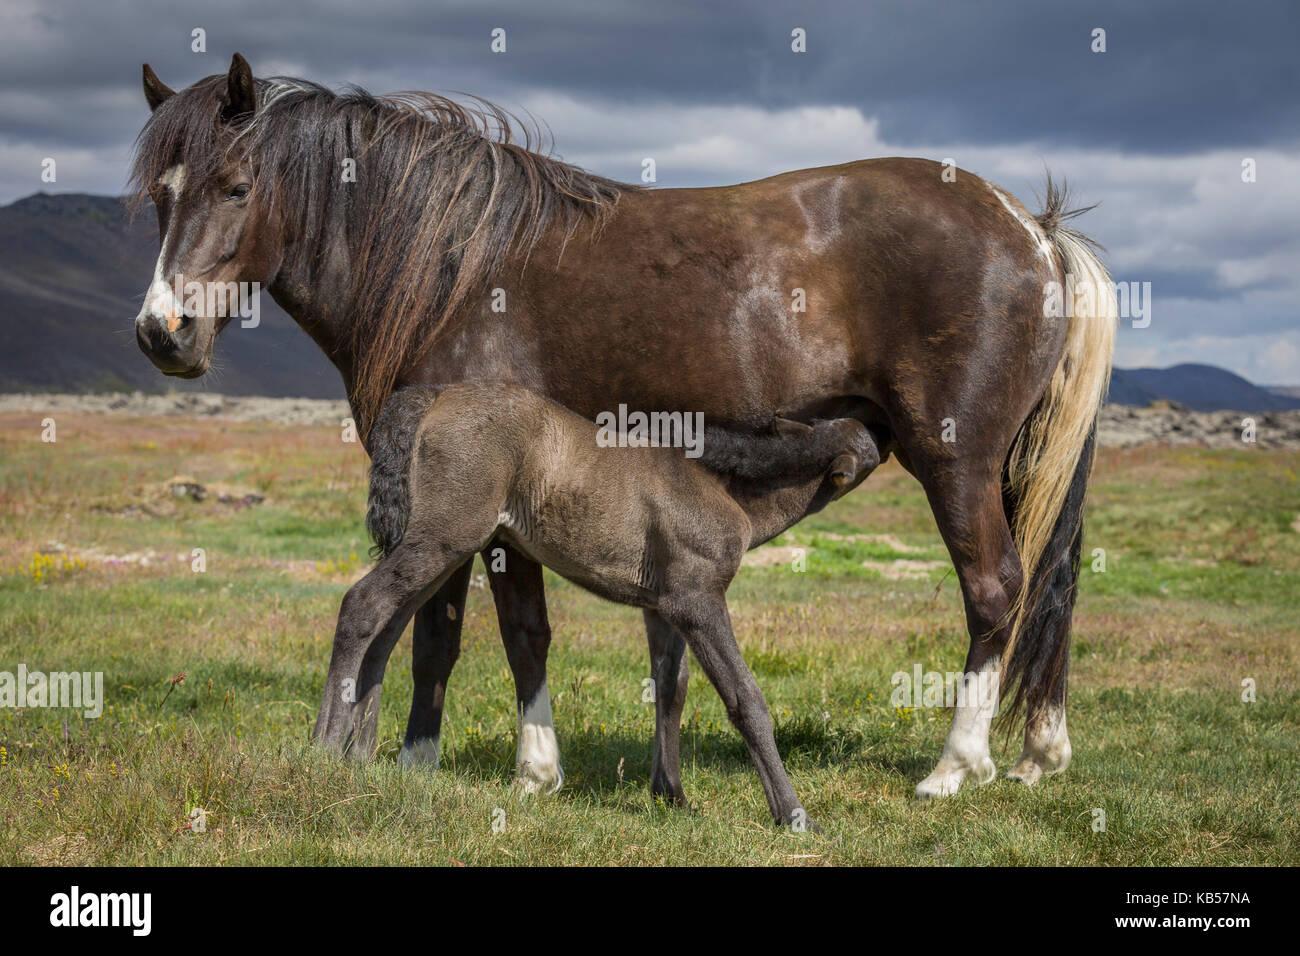 Mare et son poulain, pure race islandaise Islande poulain en soins infirmiers. Photo Stock